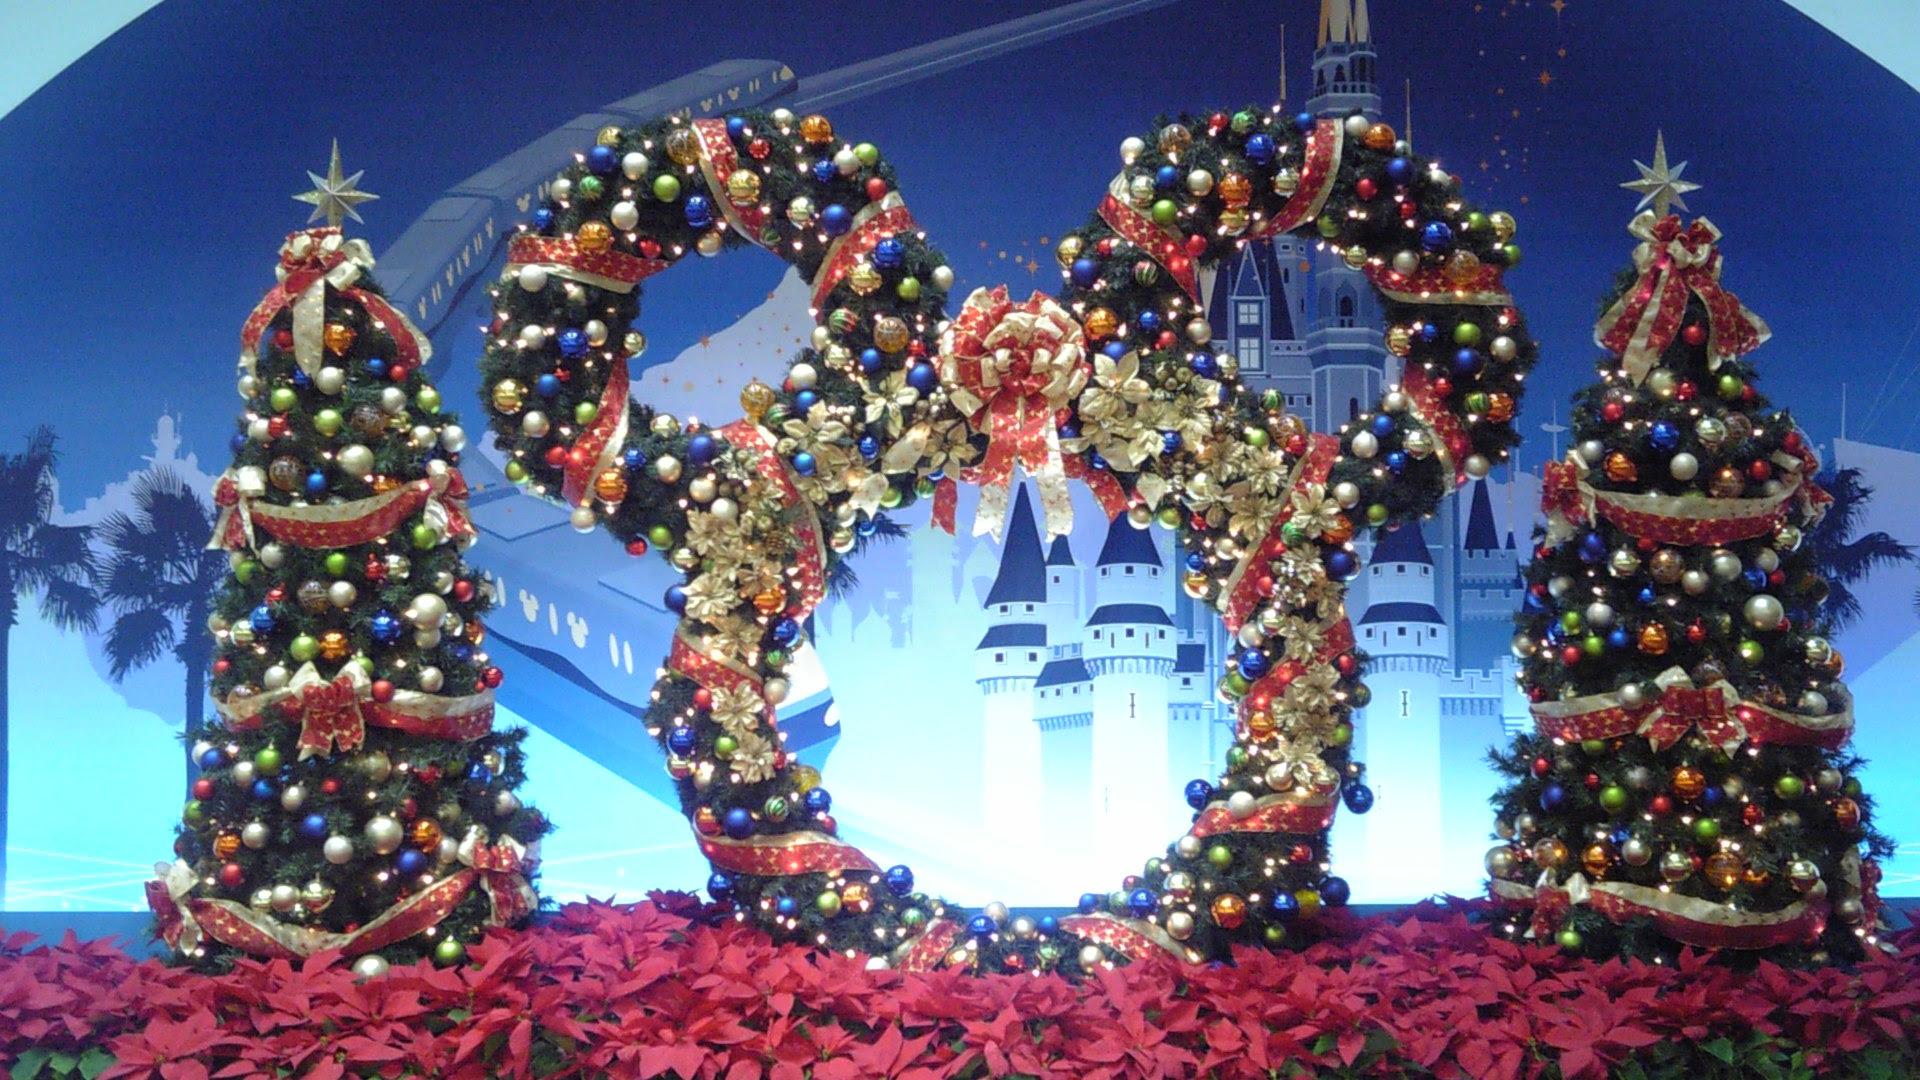 ディズニー クリスマス 壁紙 最高の写真の壁紙のコレクション 無料